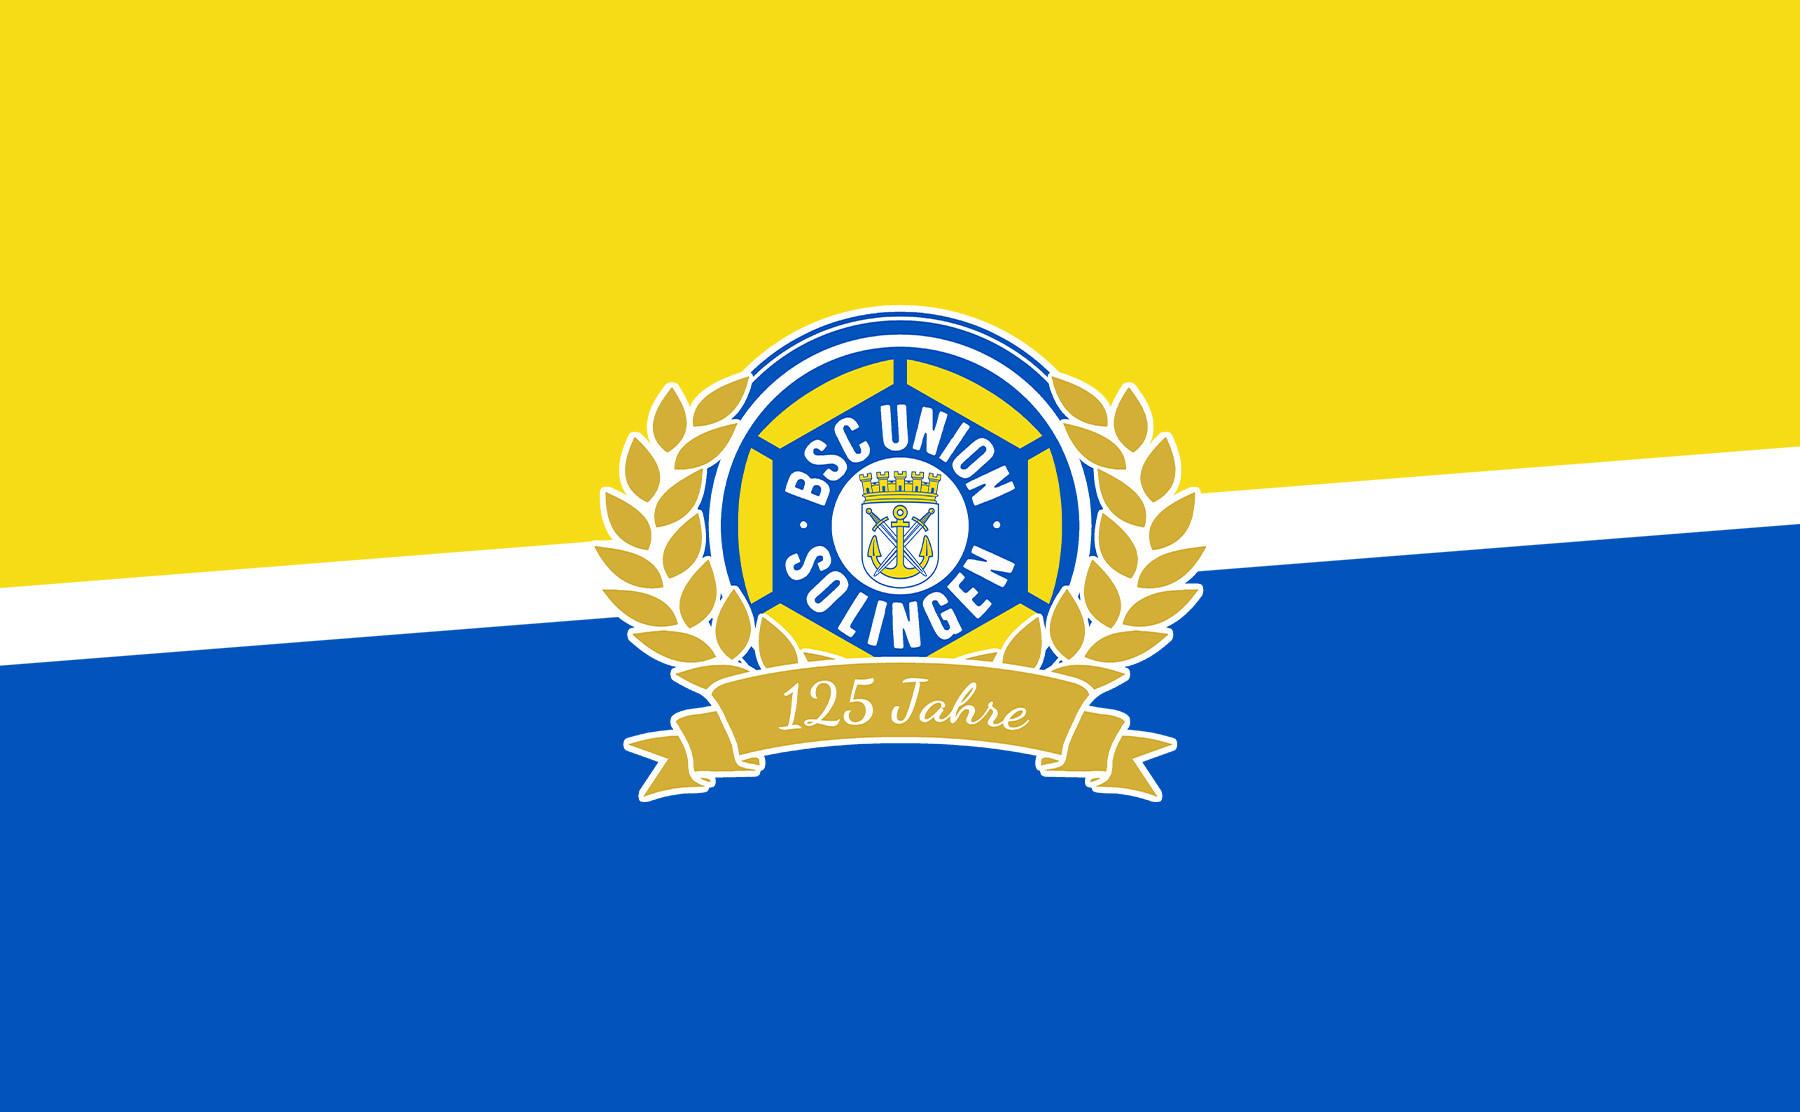 BSC Union Solingen 1897